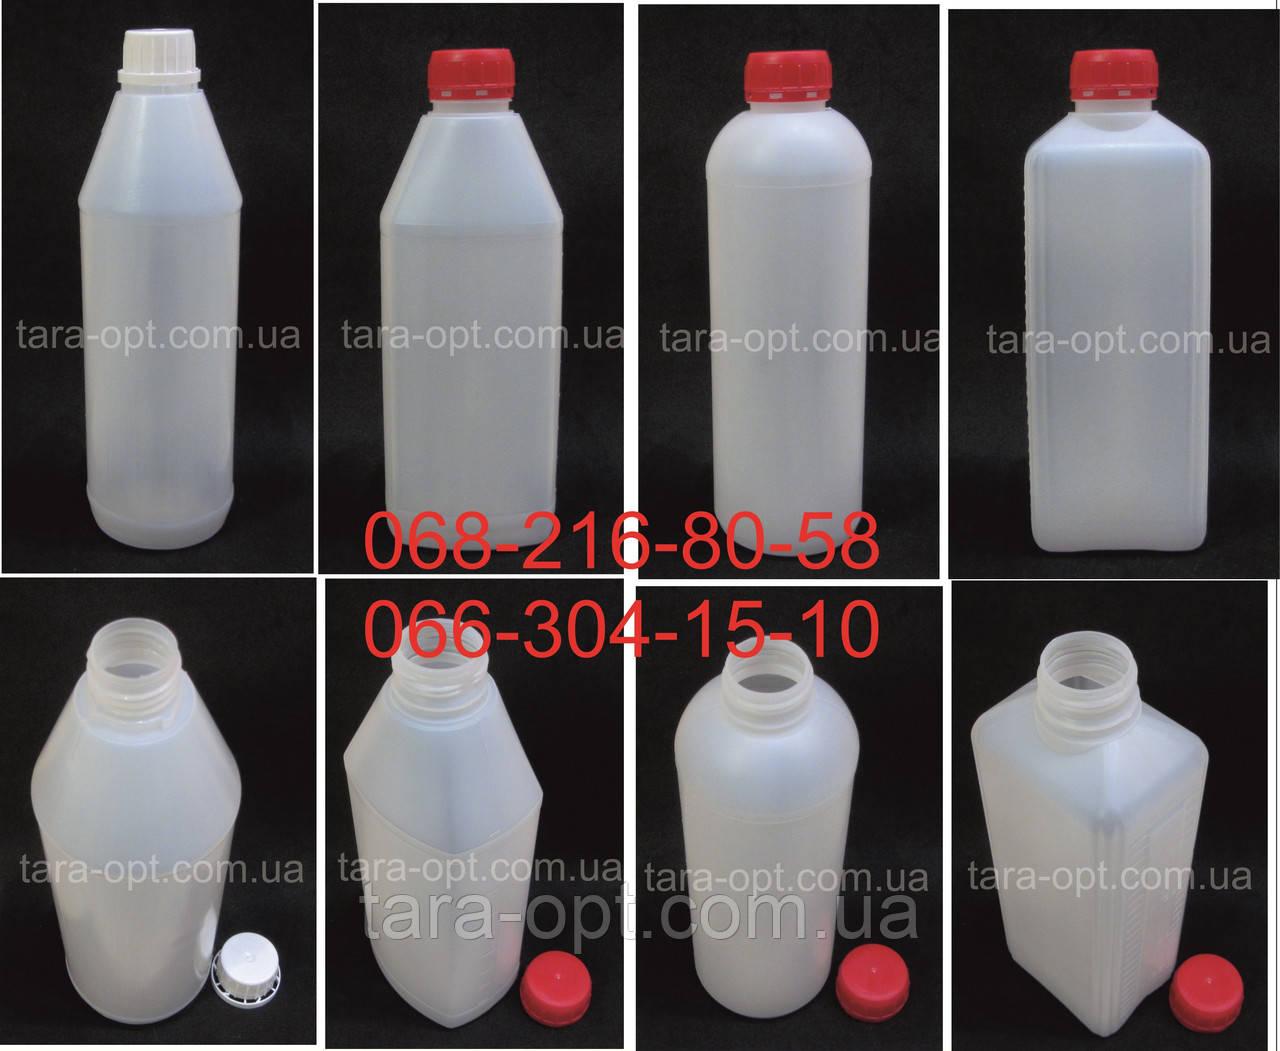 Бутылка 1 литр оптом флаконы 1 литр тара 1000 мл